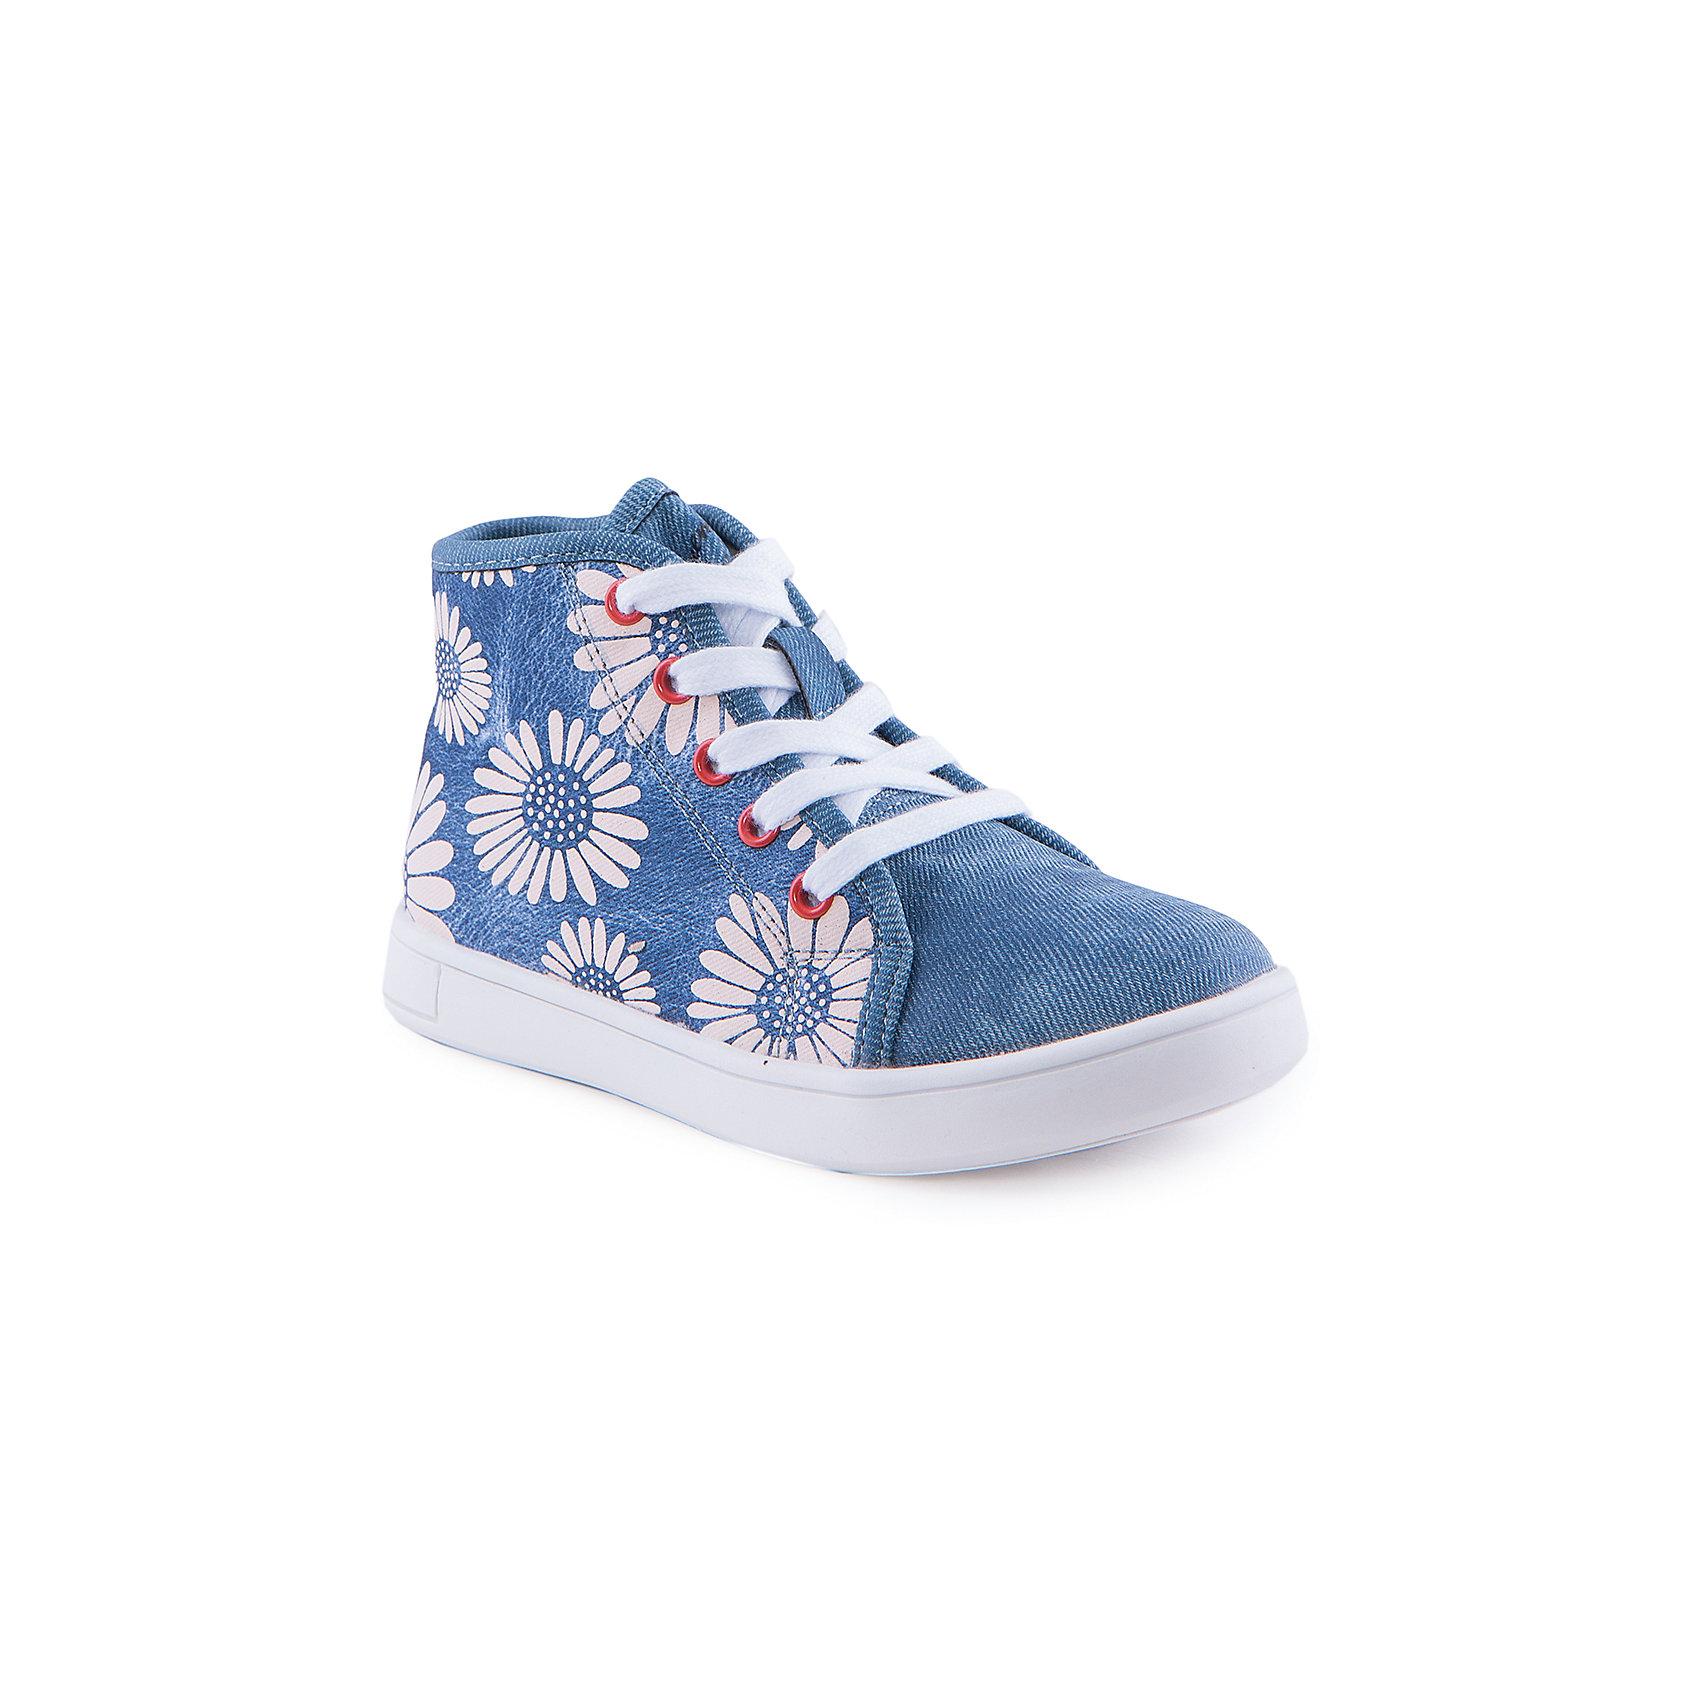 Ботинки для девочки Indigo kidsБотинки для девочки от известного бренда Indigo kids<br><br>Оригинальные полуботинки помогут создать интересный образ! Необычный дизайн делает эту модель стильной и привлекающей внимание. Они легко надеваются и комфортно садятся по ноге. <br><br>Особенности модели:<br><br>- цвет - под синюю джинсу;<br>- стильный дизайн;<br>- удобная колодка;<br>- натуральная кожаная подкладка;<br>- устойчивая белая подошва;<br>- крупный цветочный принт;<br>- шнуровка, молния.<br><br>Дополнительная информация:<br><br>Состав:<br><br>верх – искусственная кожа;<br>подкладка - натуральная кожа;<br>подошва - ТЭП.<br><br>Ботинки для девочки Indigo kids (Индиго Кидс) можно купить в нашем магазине.<br><br>Ширина мм: 262<br>Глубина мм: 176<br>Высота мм: 97<br>Вес г: 427<br>Цвет: голубой<br>Возраст от месяцев: 24<br>Возраст до месяцев: 36<br>Пол: Женский<br>Возраст: Детский<br>Размер: 26,28,29,30,31,27<br>SKU: 4520069